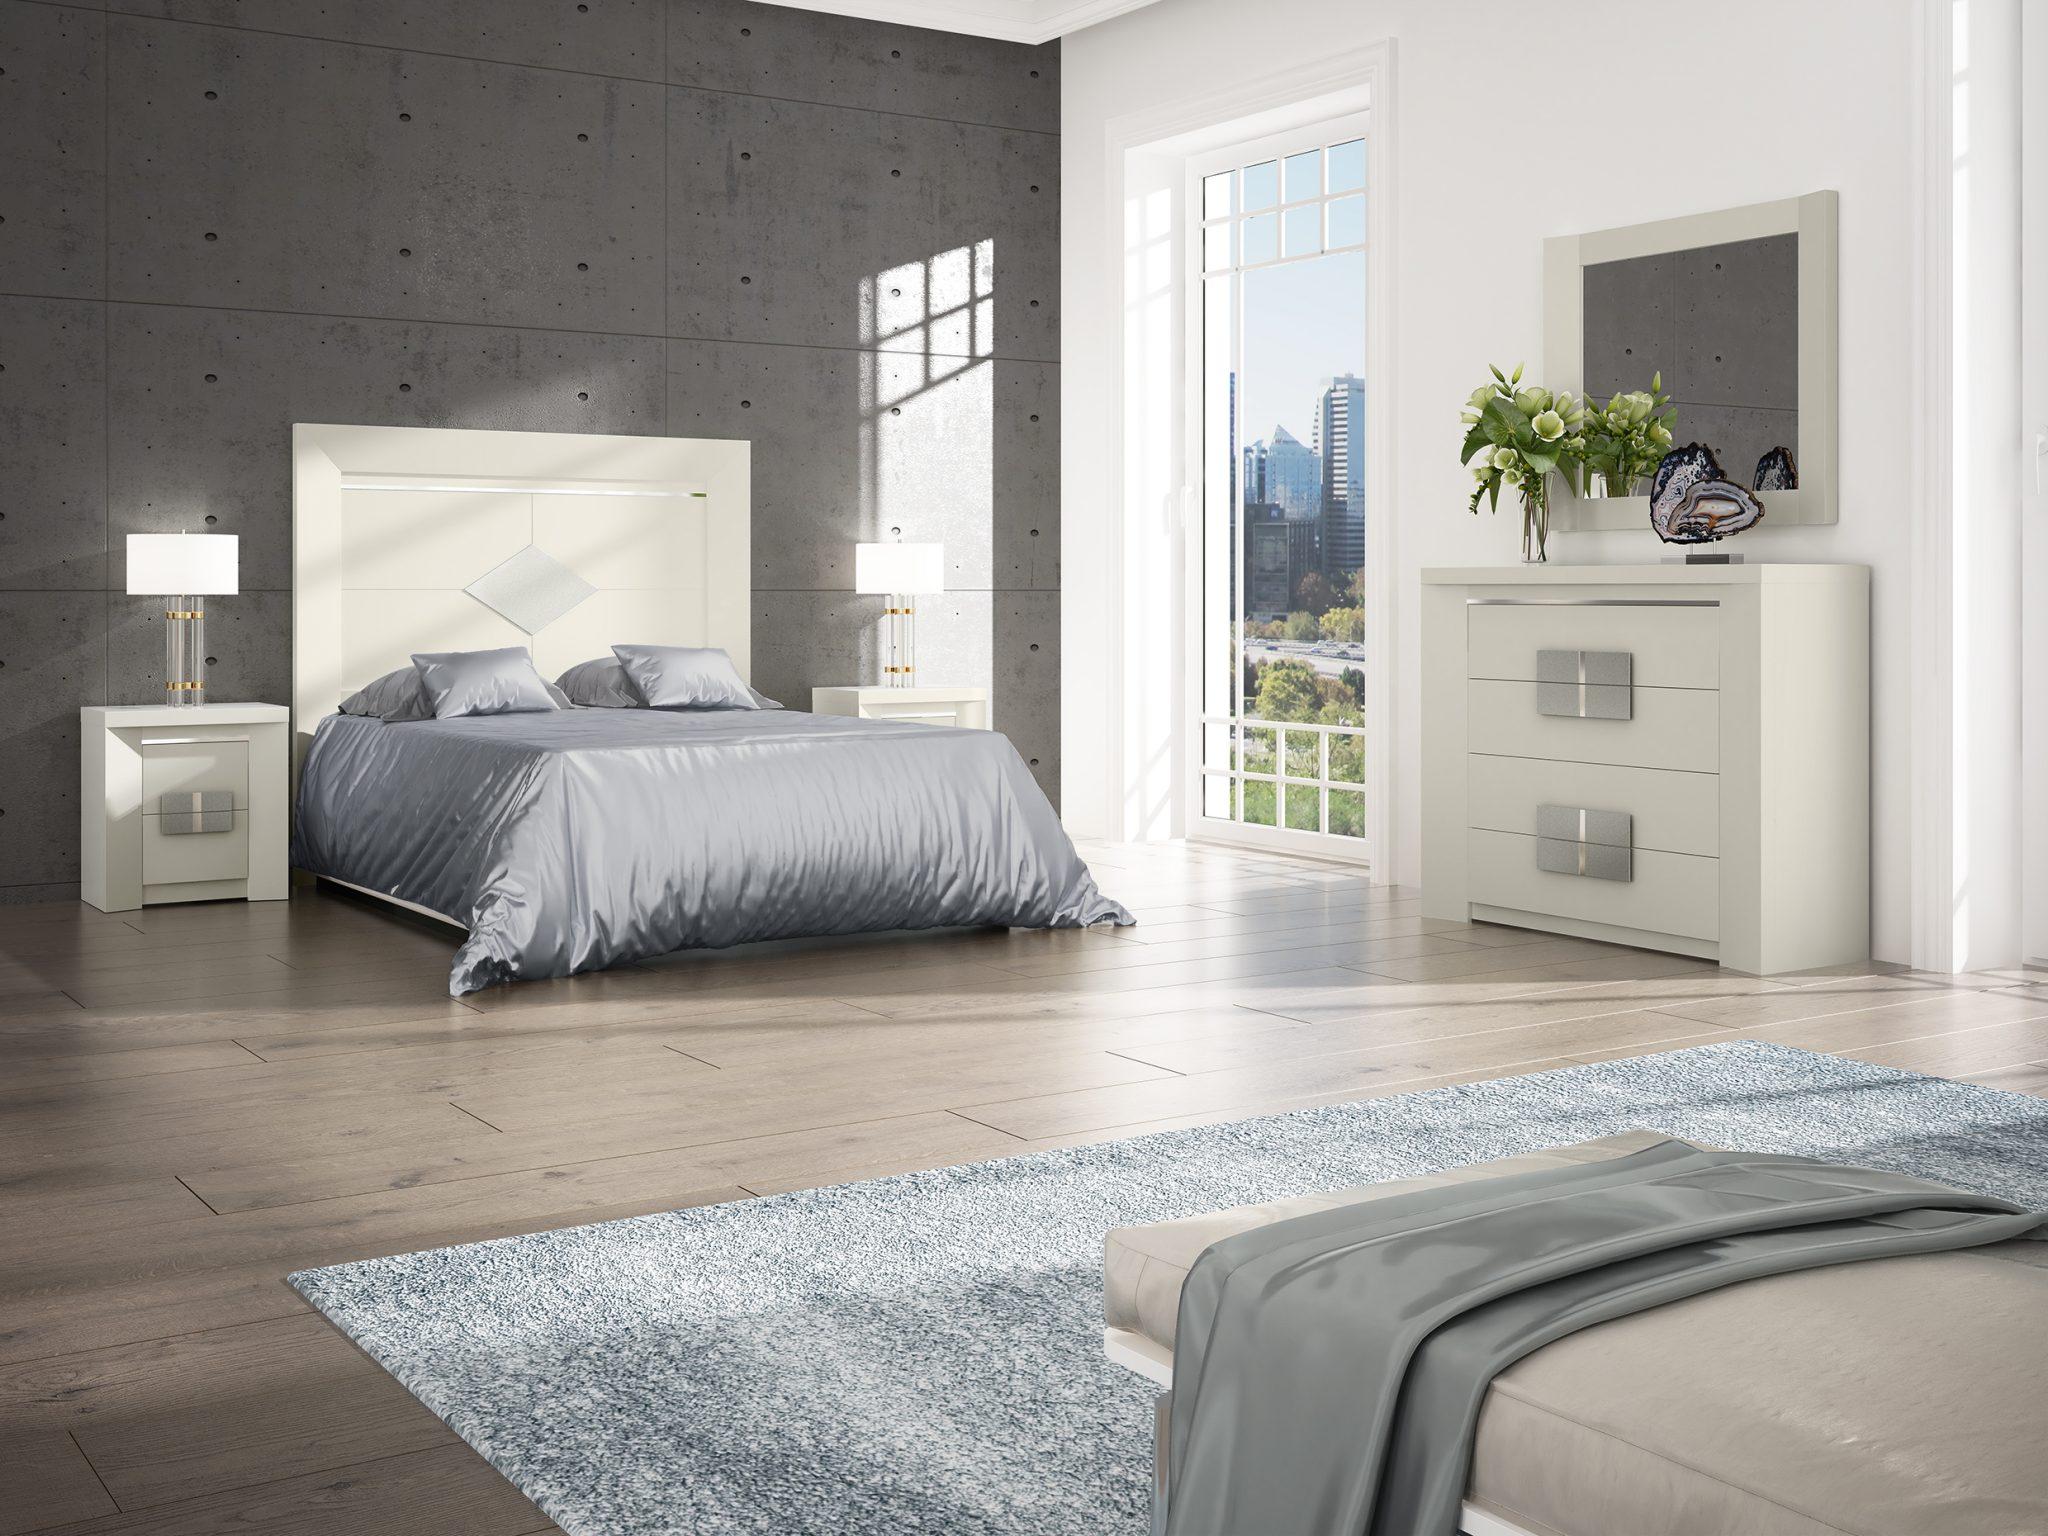 Decovarte bedroom D65